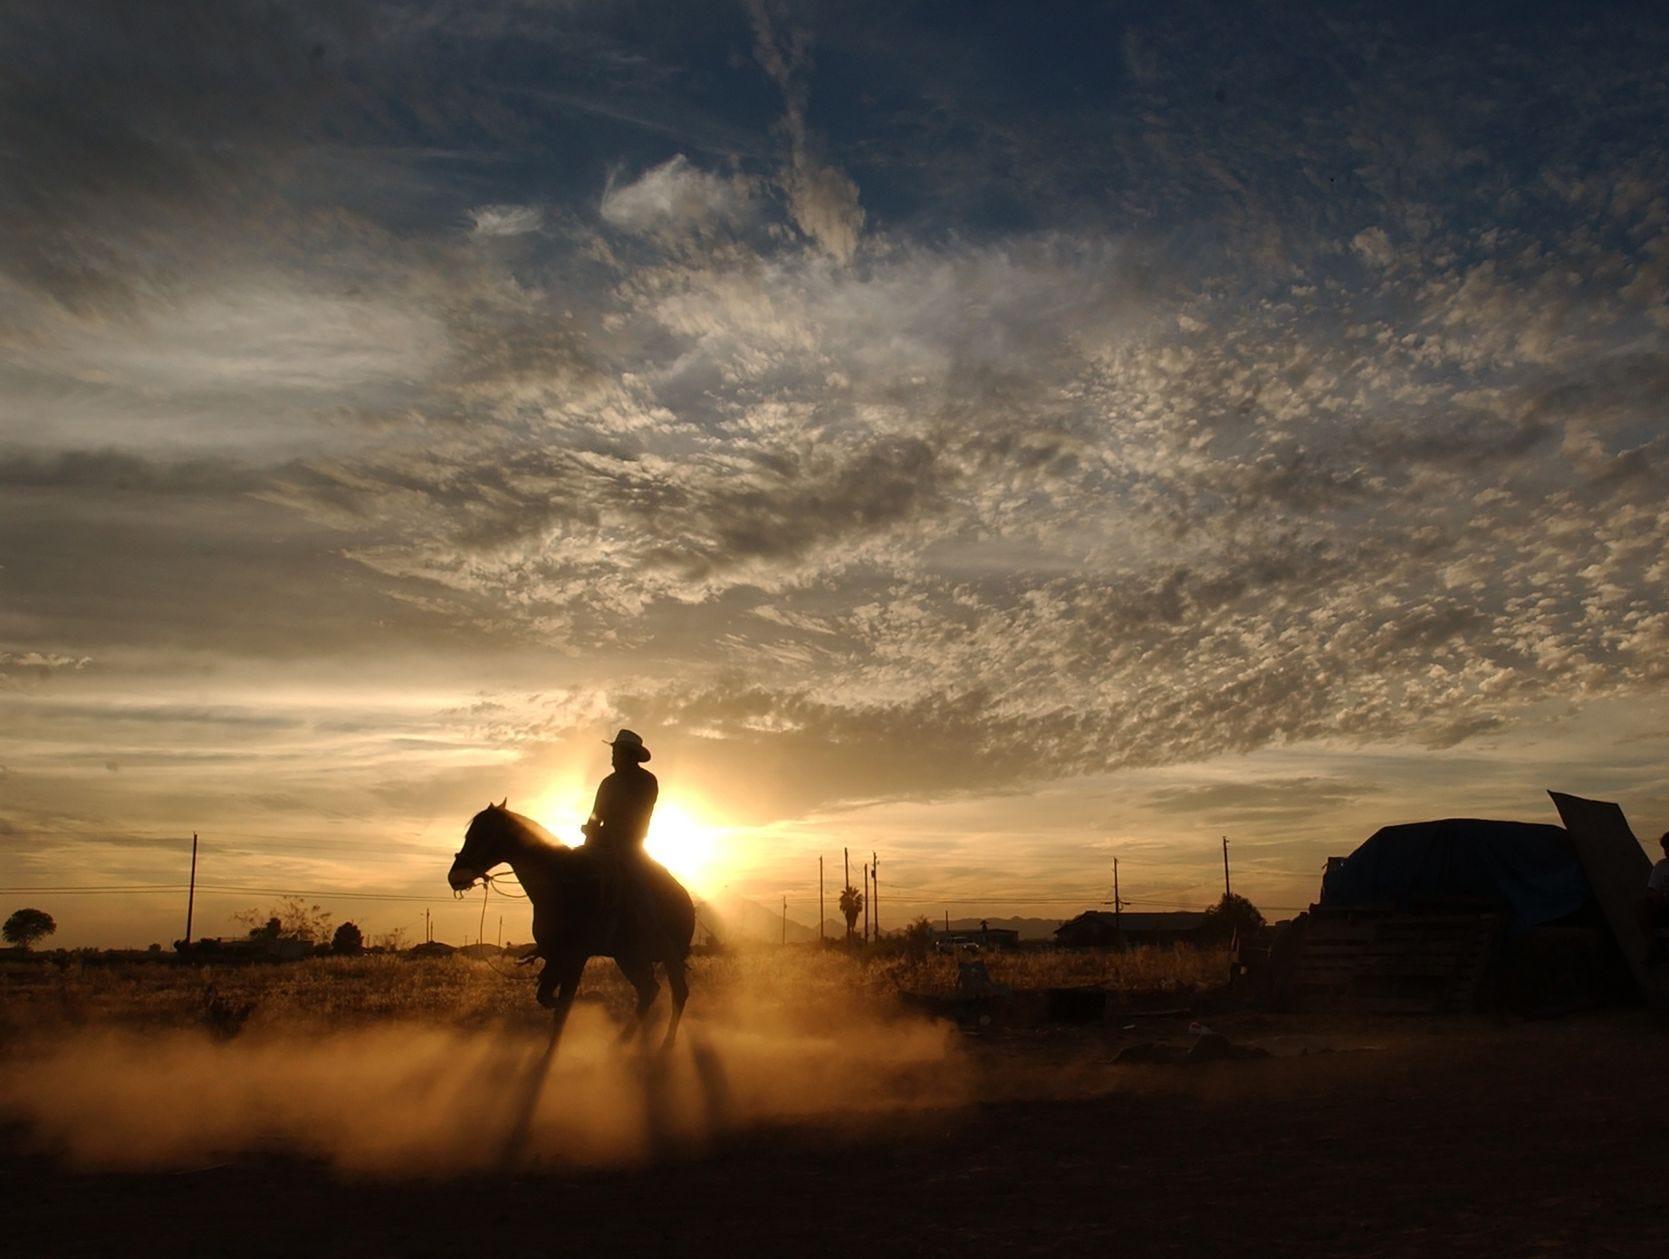 Con la puesta de sol detrás de él, Pascual Valadez, de 35 años, monta su caballo en trueno mientras lo entrena en la casa de su hermano en la comunidad indígena de Salt River Pima-Maricopa el lunes 12 de mayo.